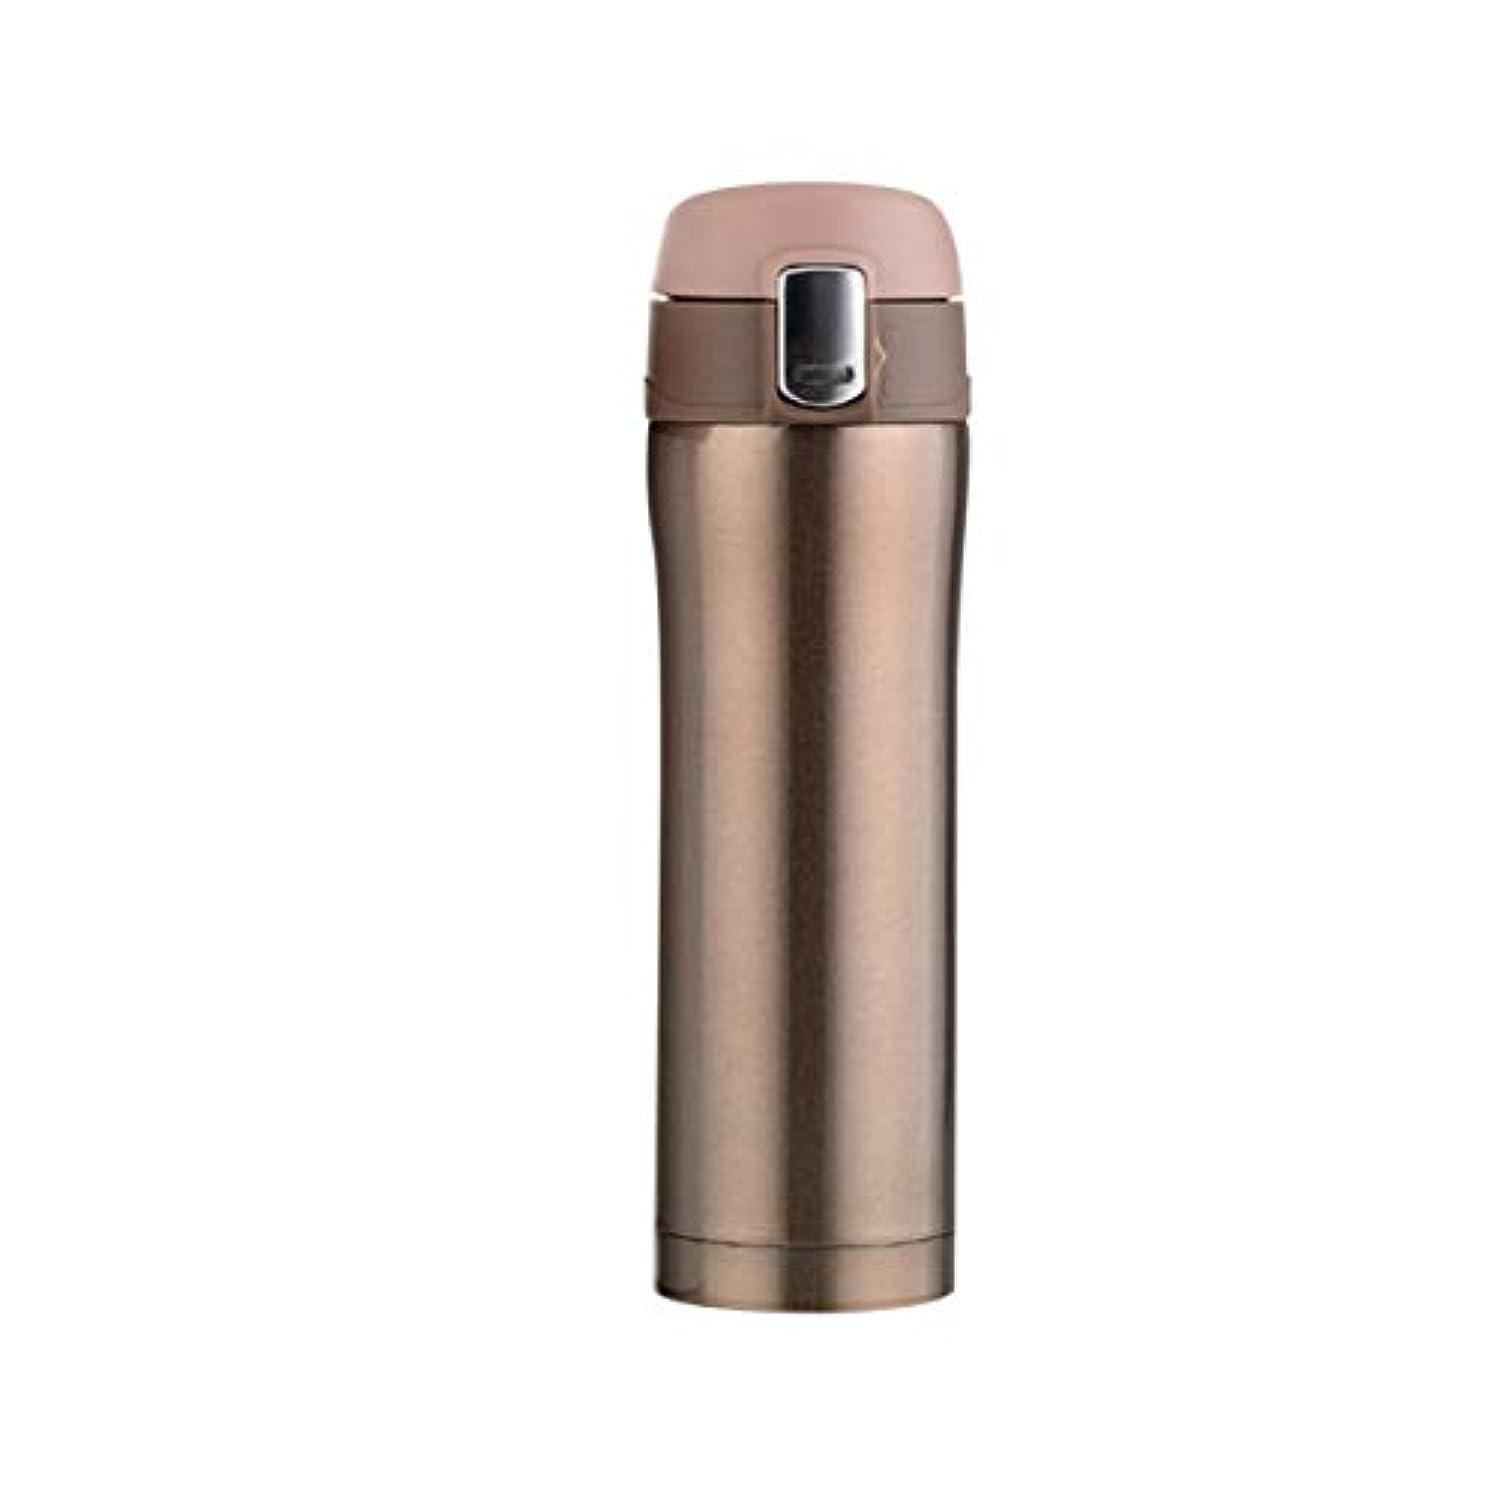 前奏曲衰える連続的Saikogoods 500MLコンパクトサイズのステンレス鋼真空断熱ウォーターボトルメンズ?レディース?オフィス旅行カー水マグボトルドリンク ゴールド